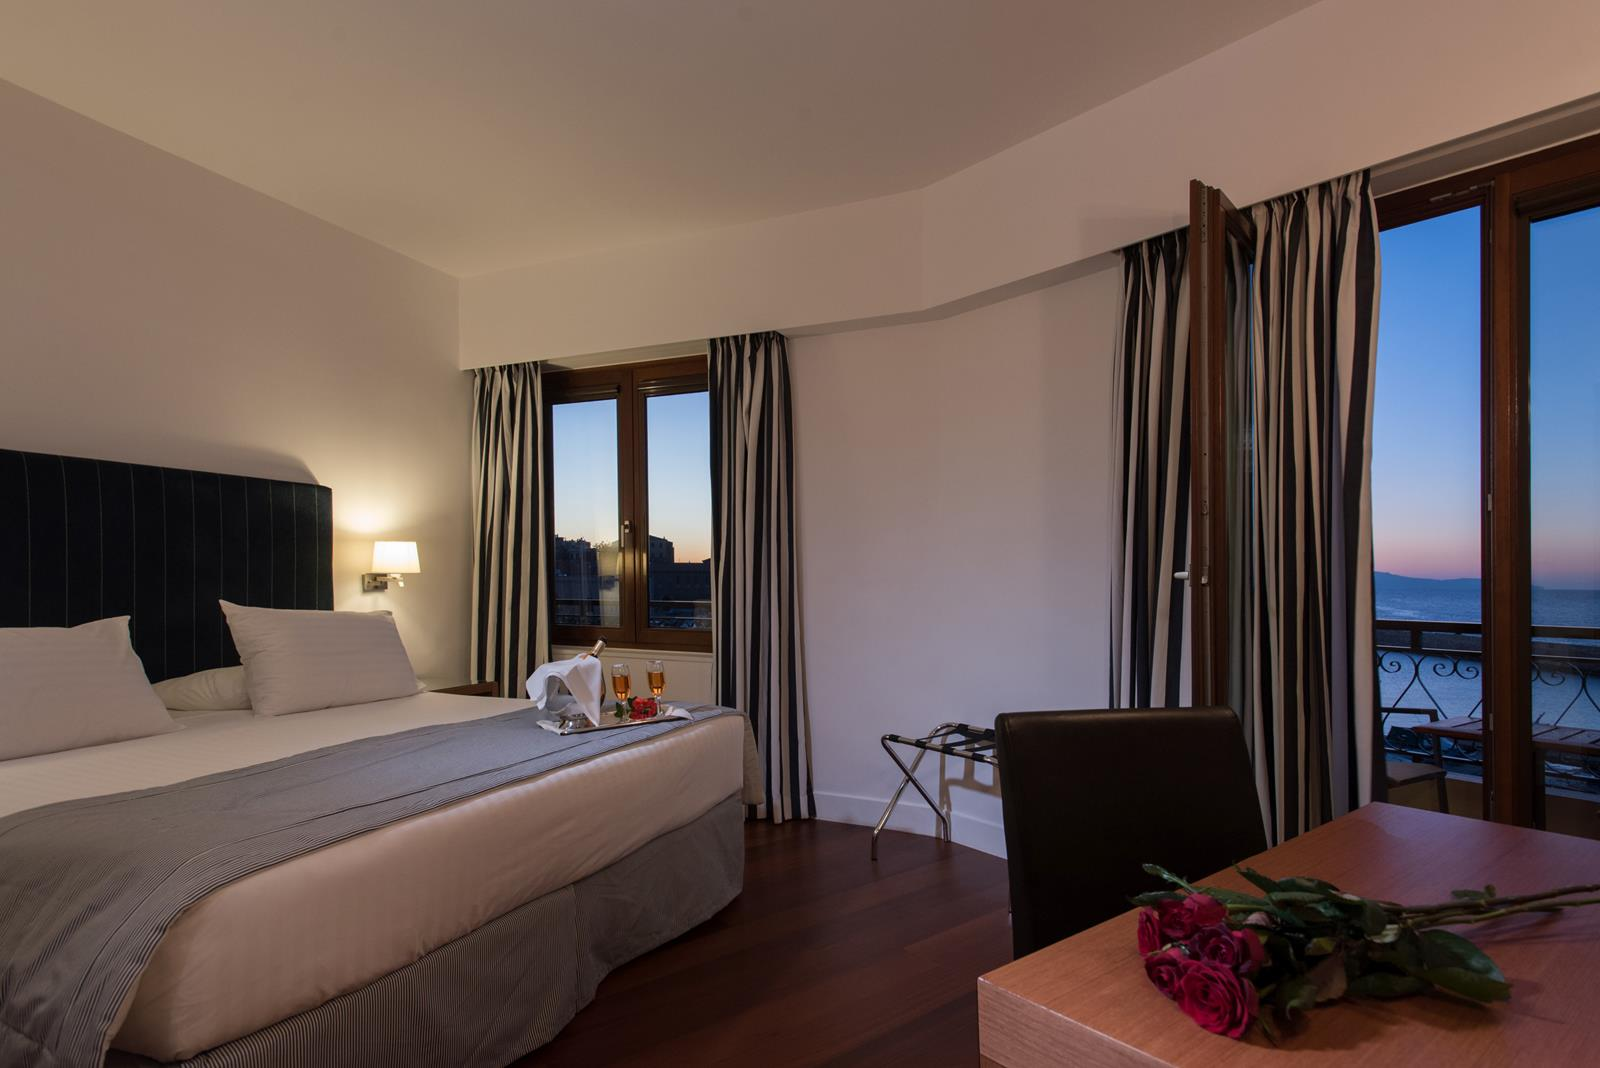 hotel chania crete - Porto Veneziano Hotel